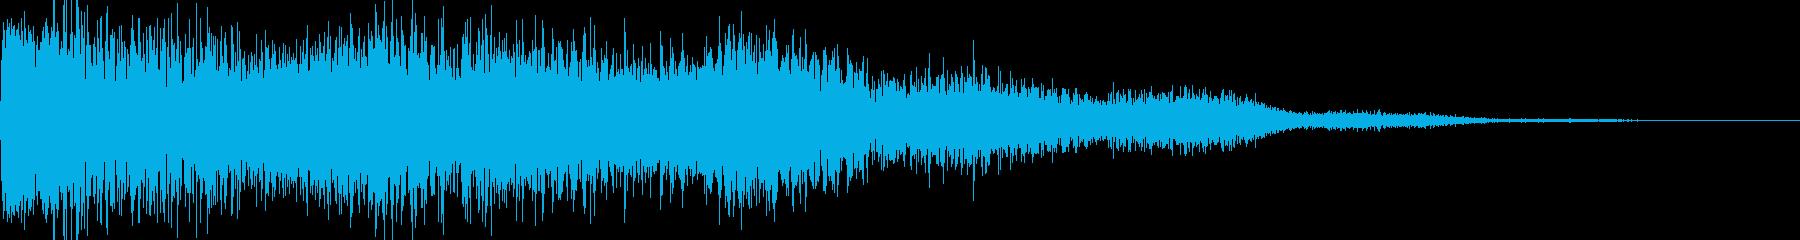 ロケット発射音、爆発音の再生済みの波形